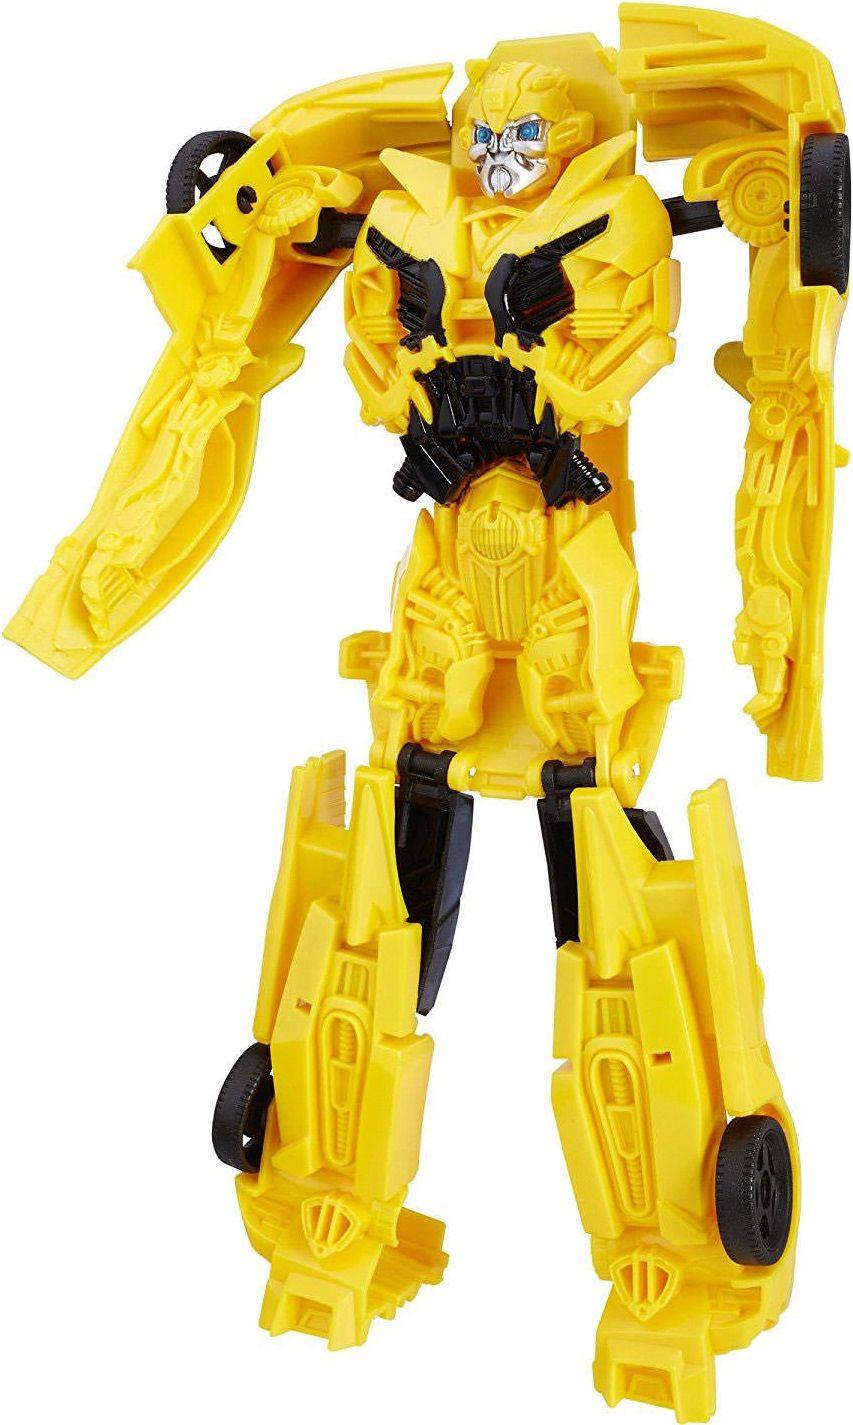 Купить Transformers The Last Knight (Трансформеры. Последний рыцарь ), Hasbro, Transformers (Трансформеры)